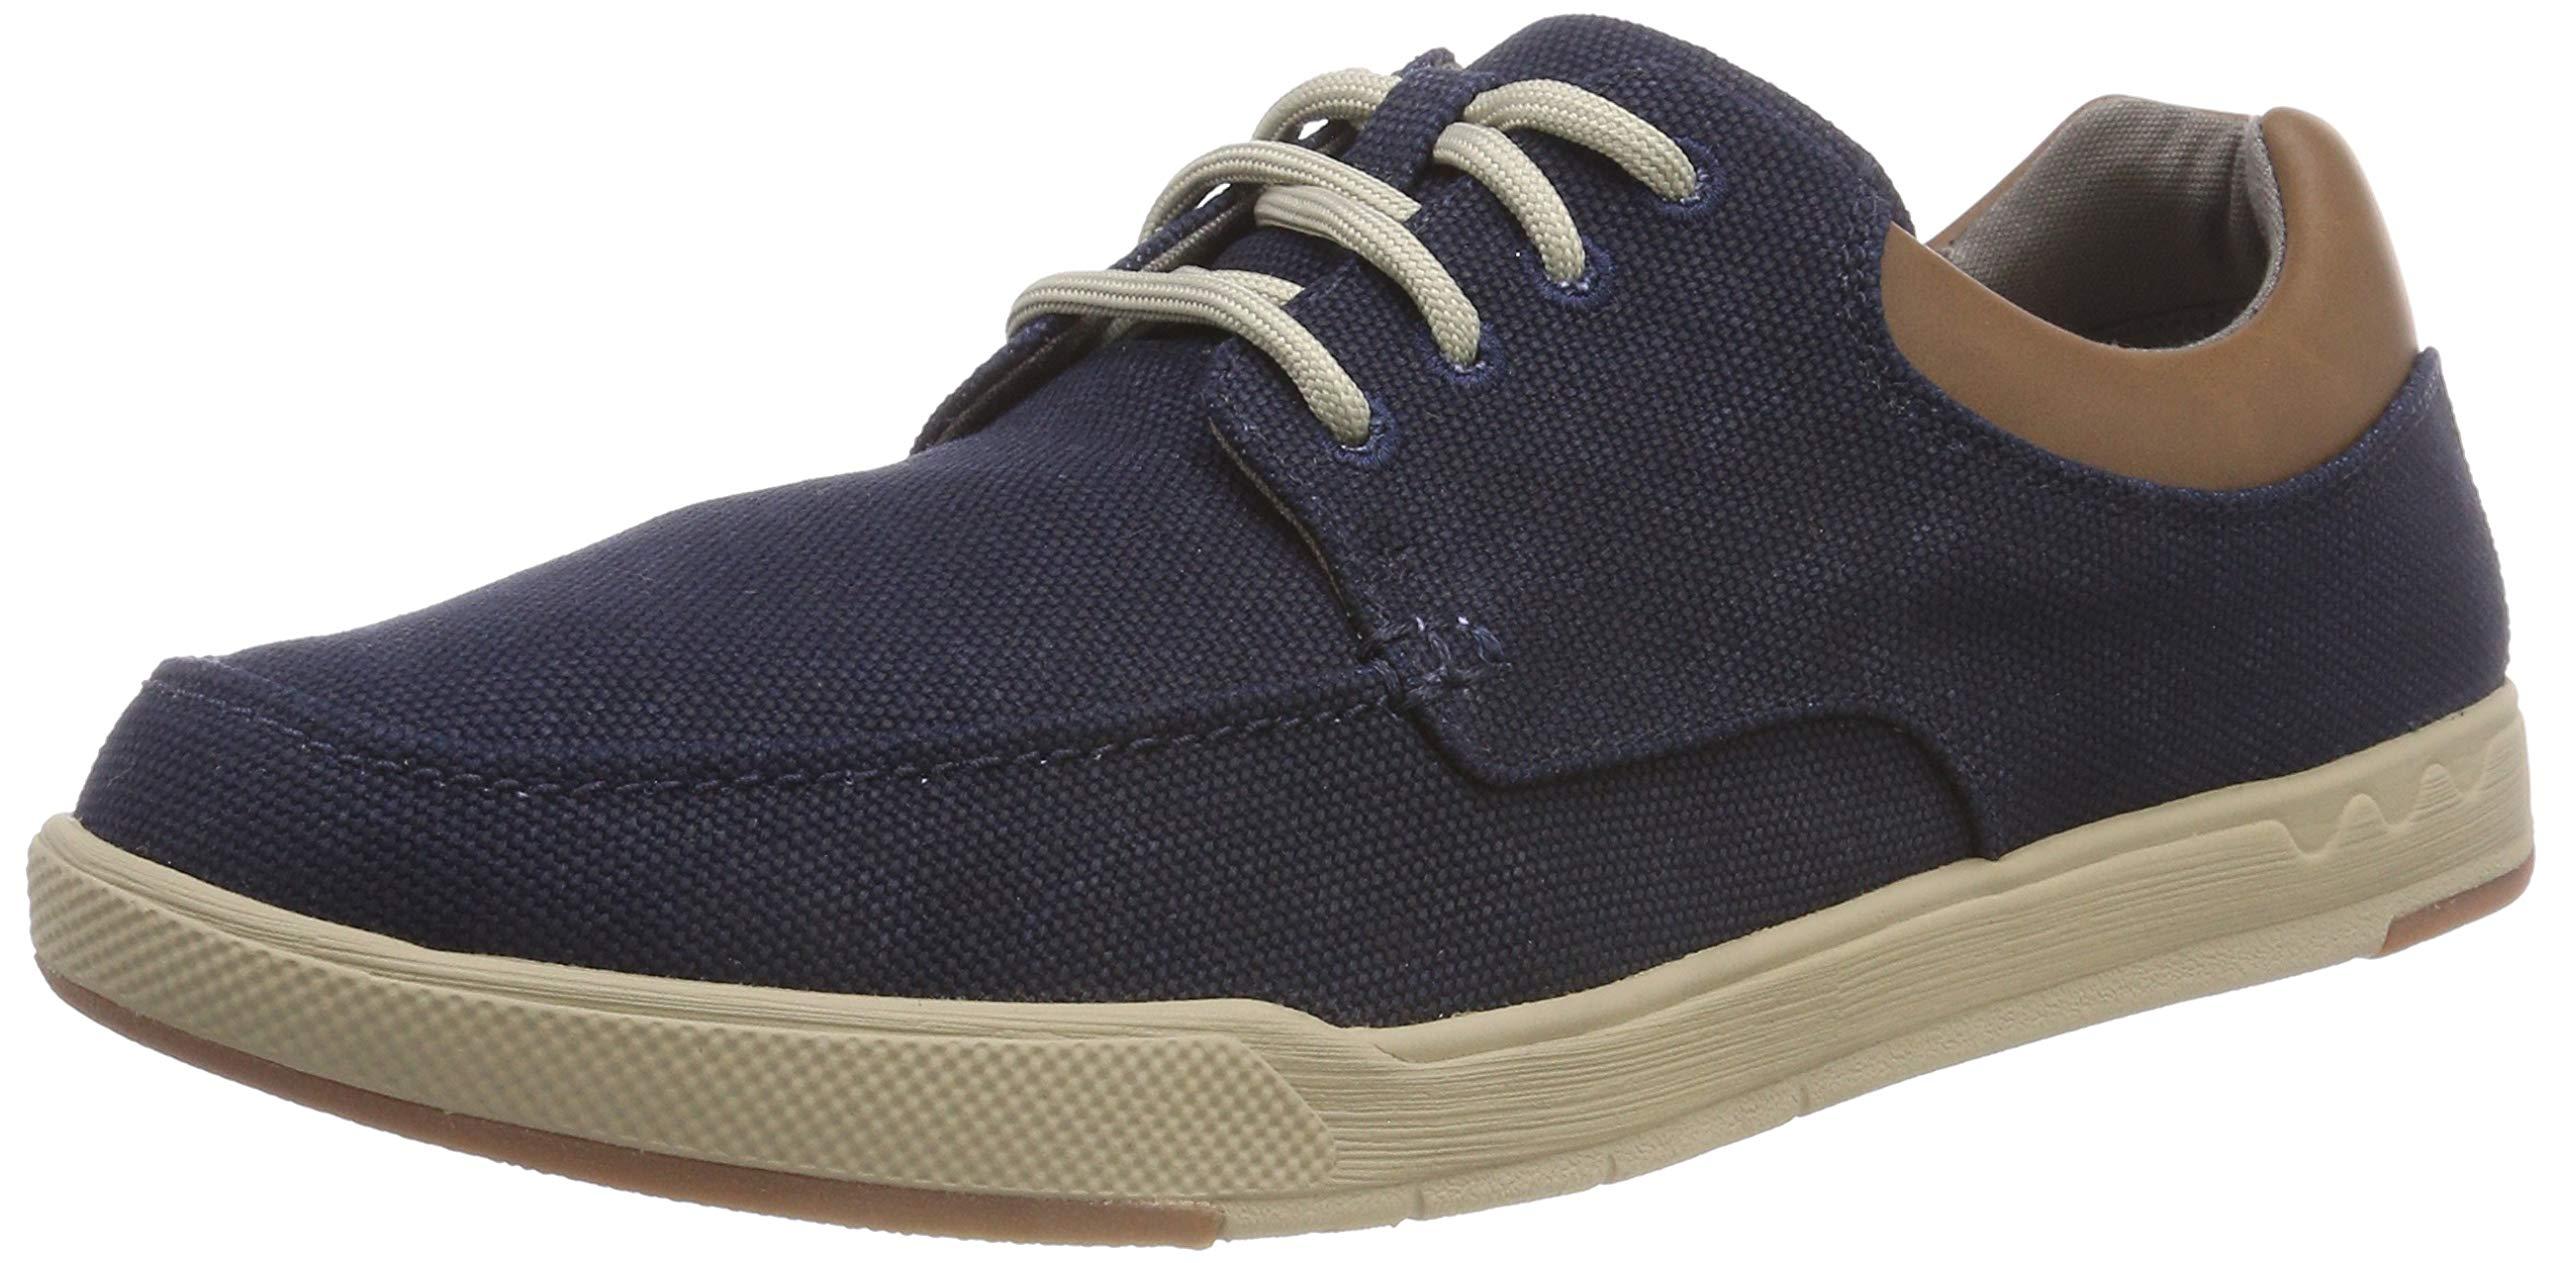 Clarks Step Isle Lace, Zapatos de Cordones Derby Hombre, 6.5